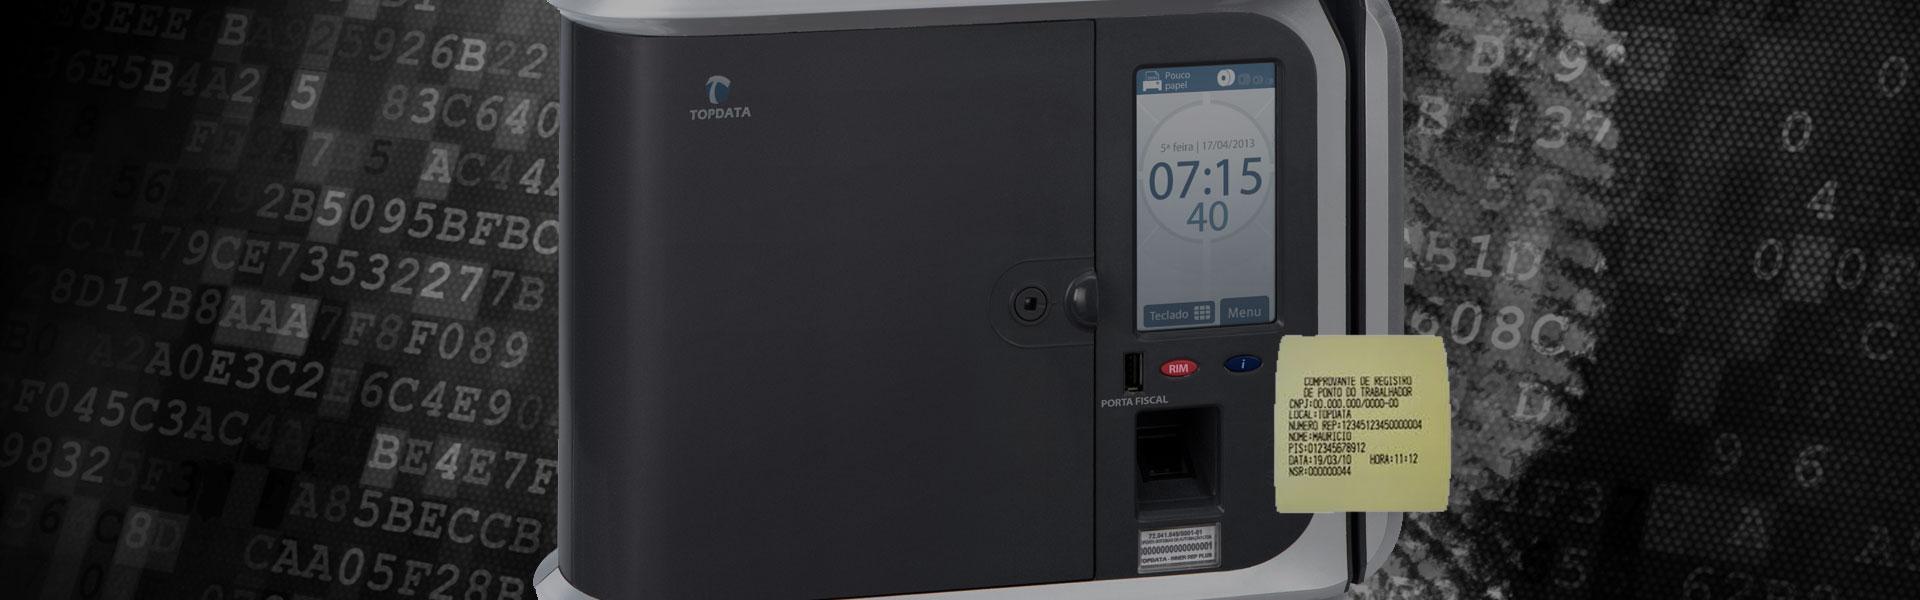 809b135cad9 IDSEC CONTROLE DE PONTO E ACESSO - Relógio de Ponto